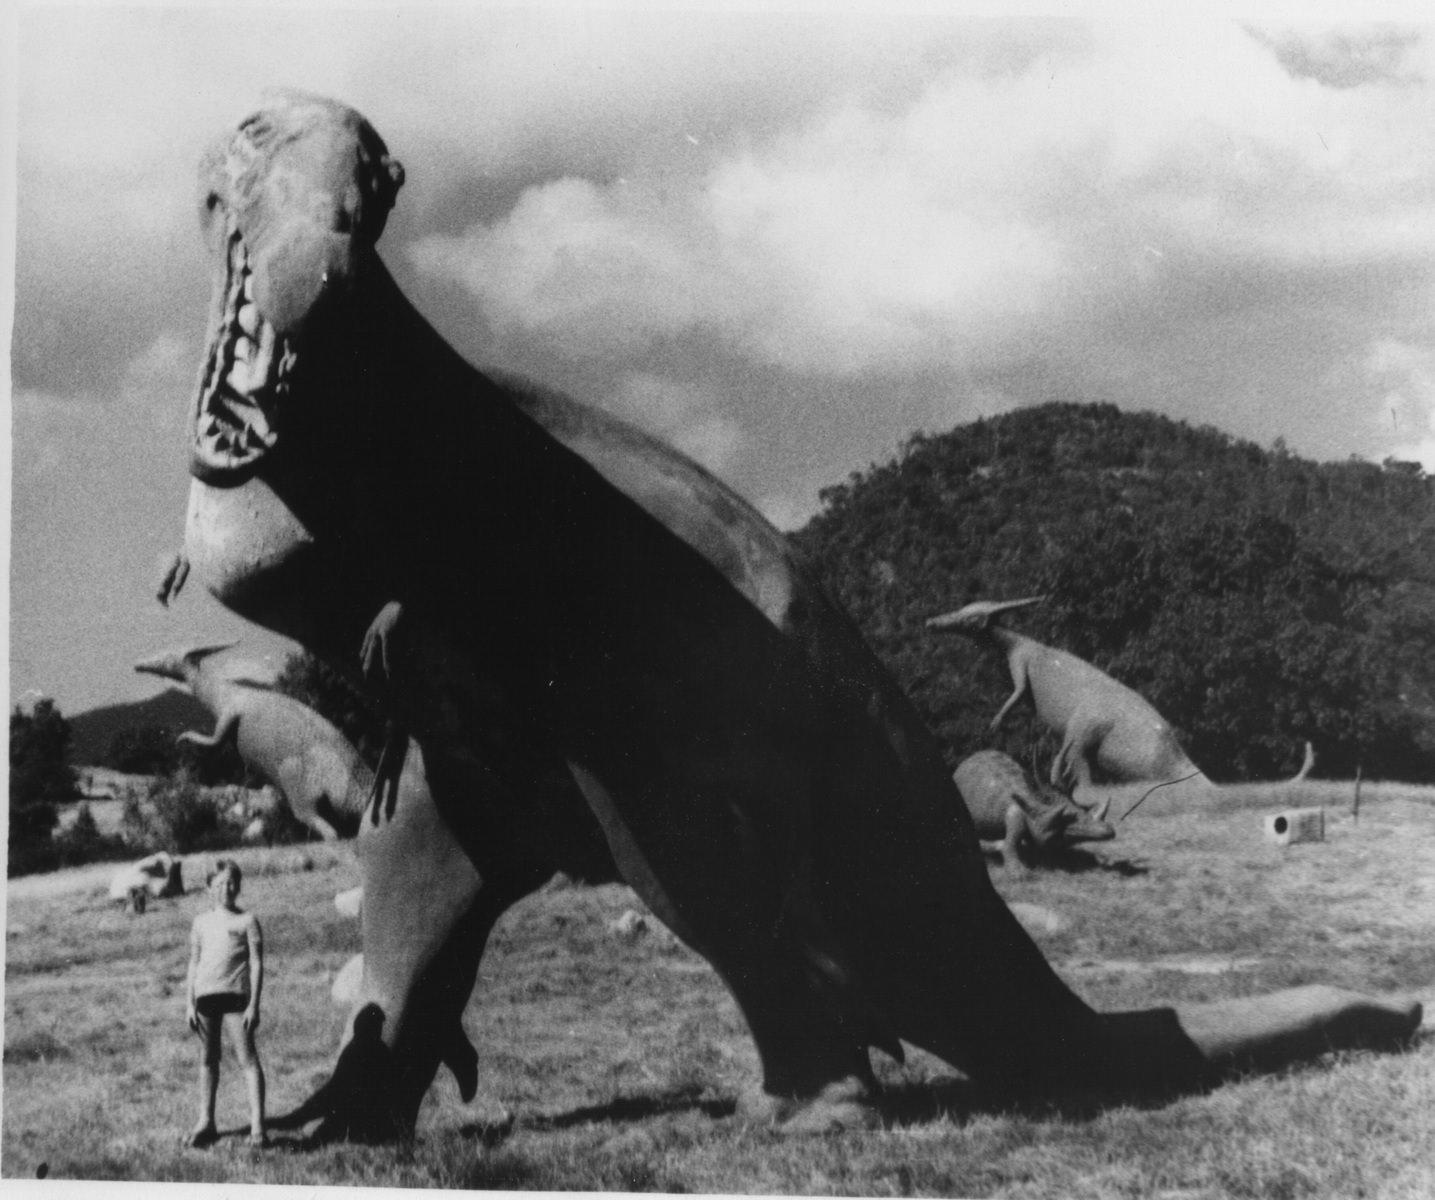 Сантьяго-де-Куба. 1987. Долина динозавров. Андреев Саша.